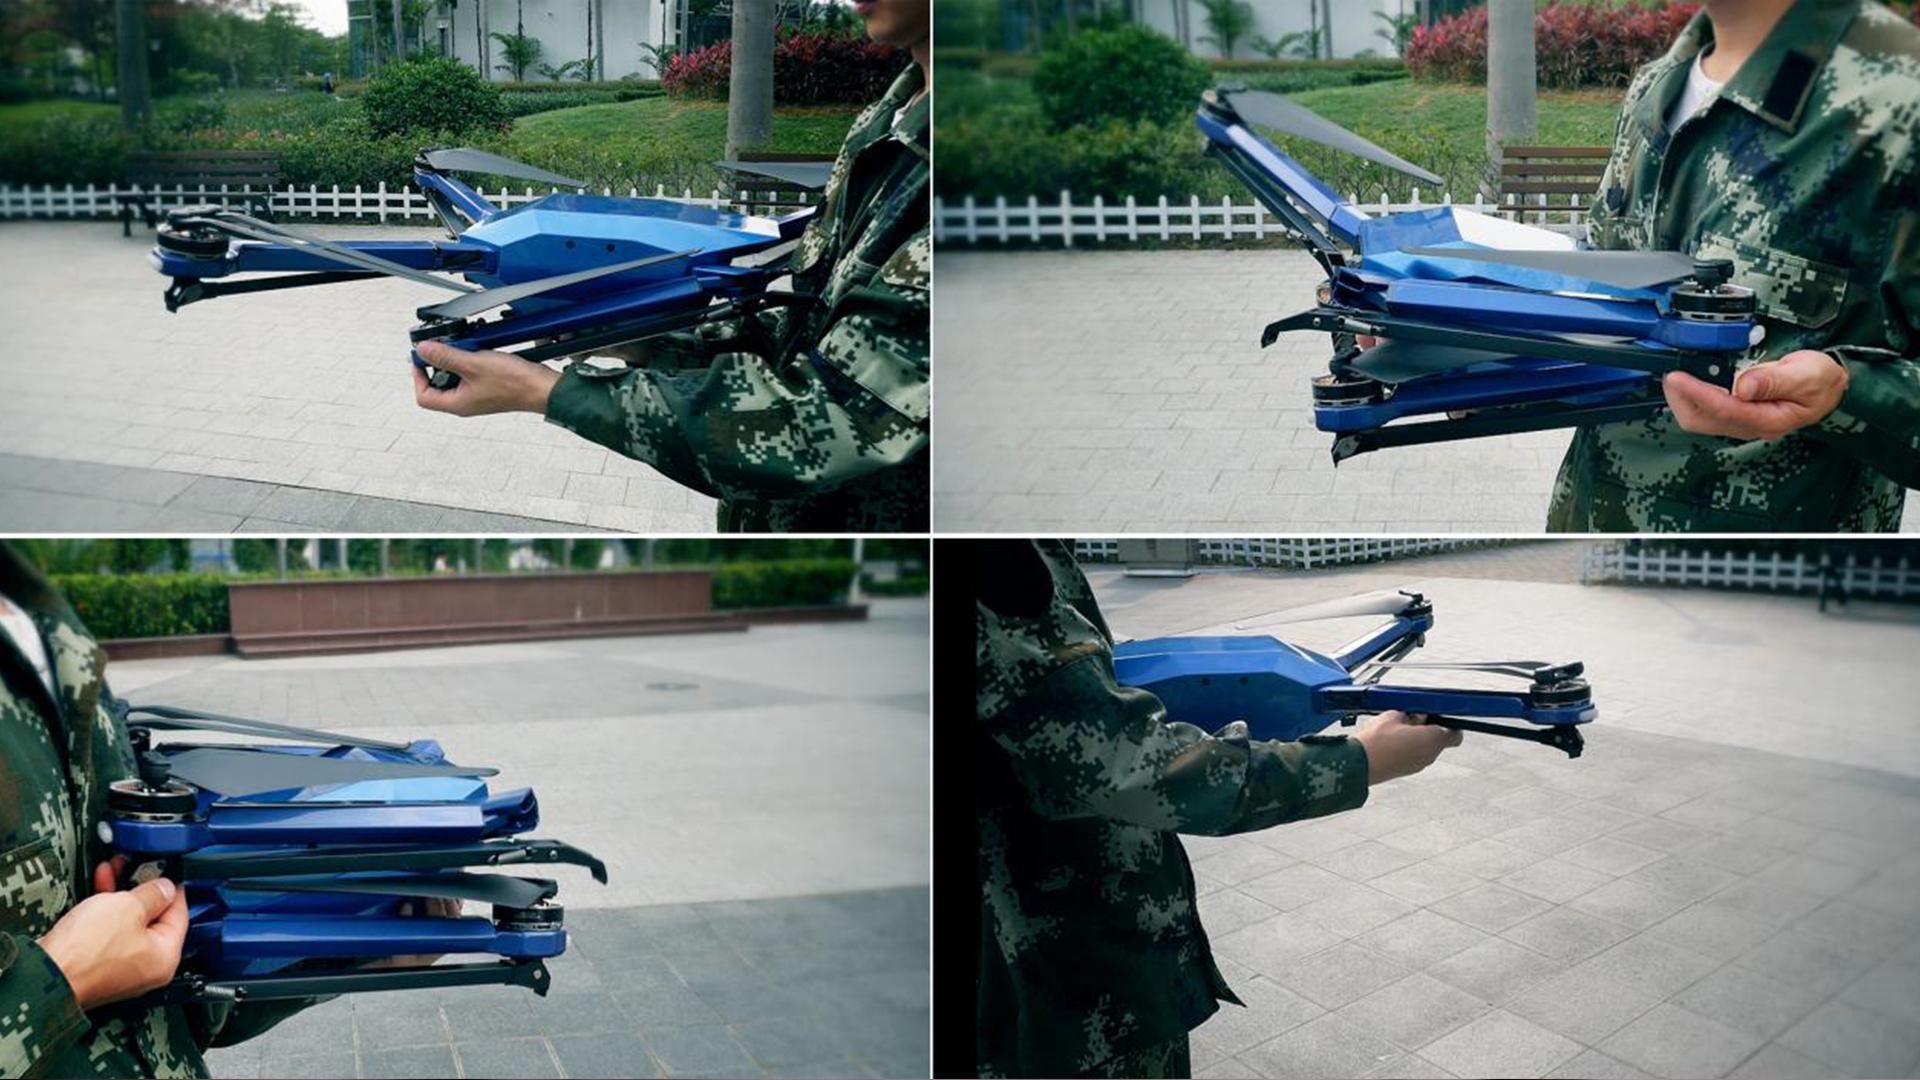 天珠C85一键起飞和一键降落